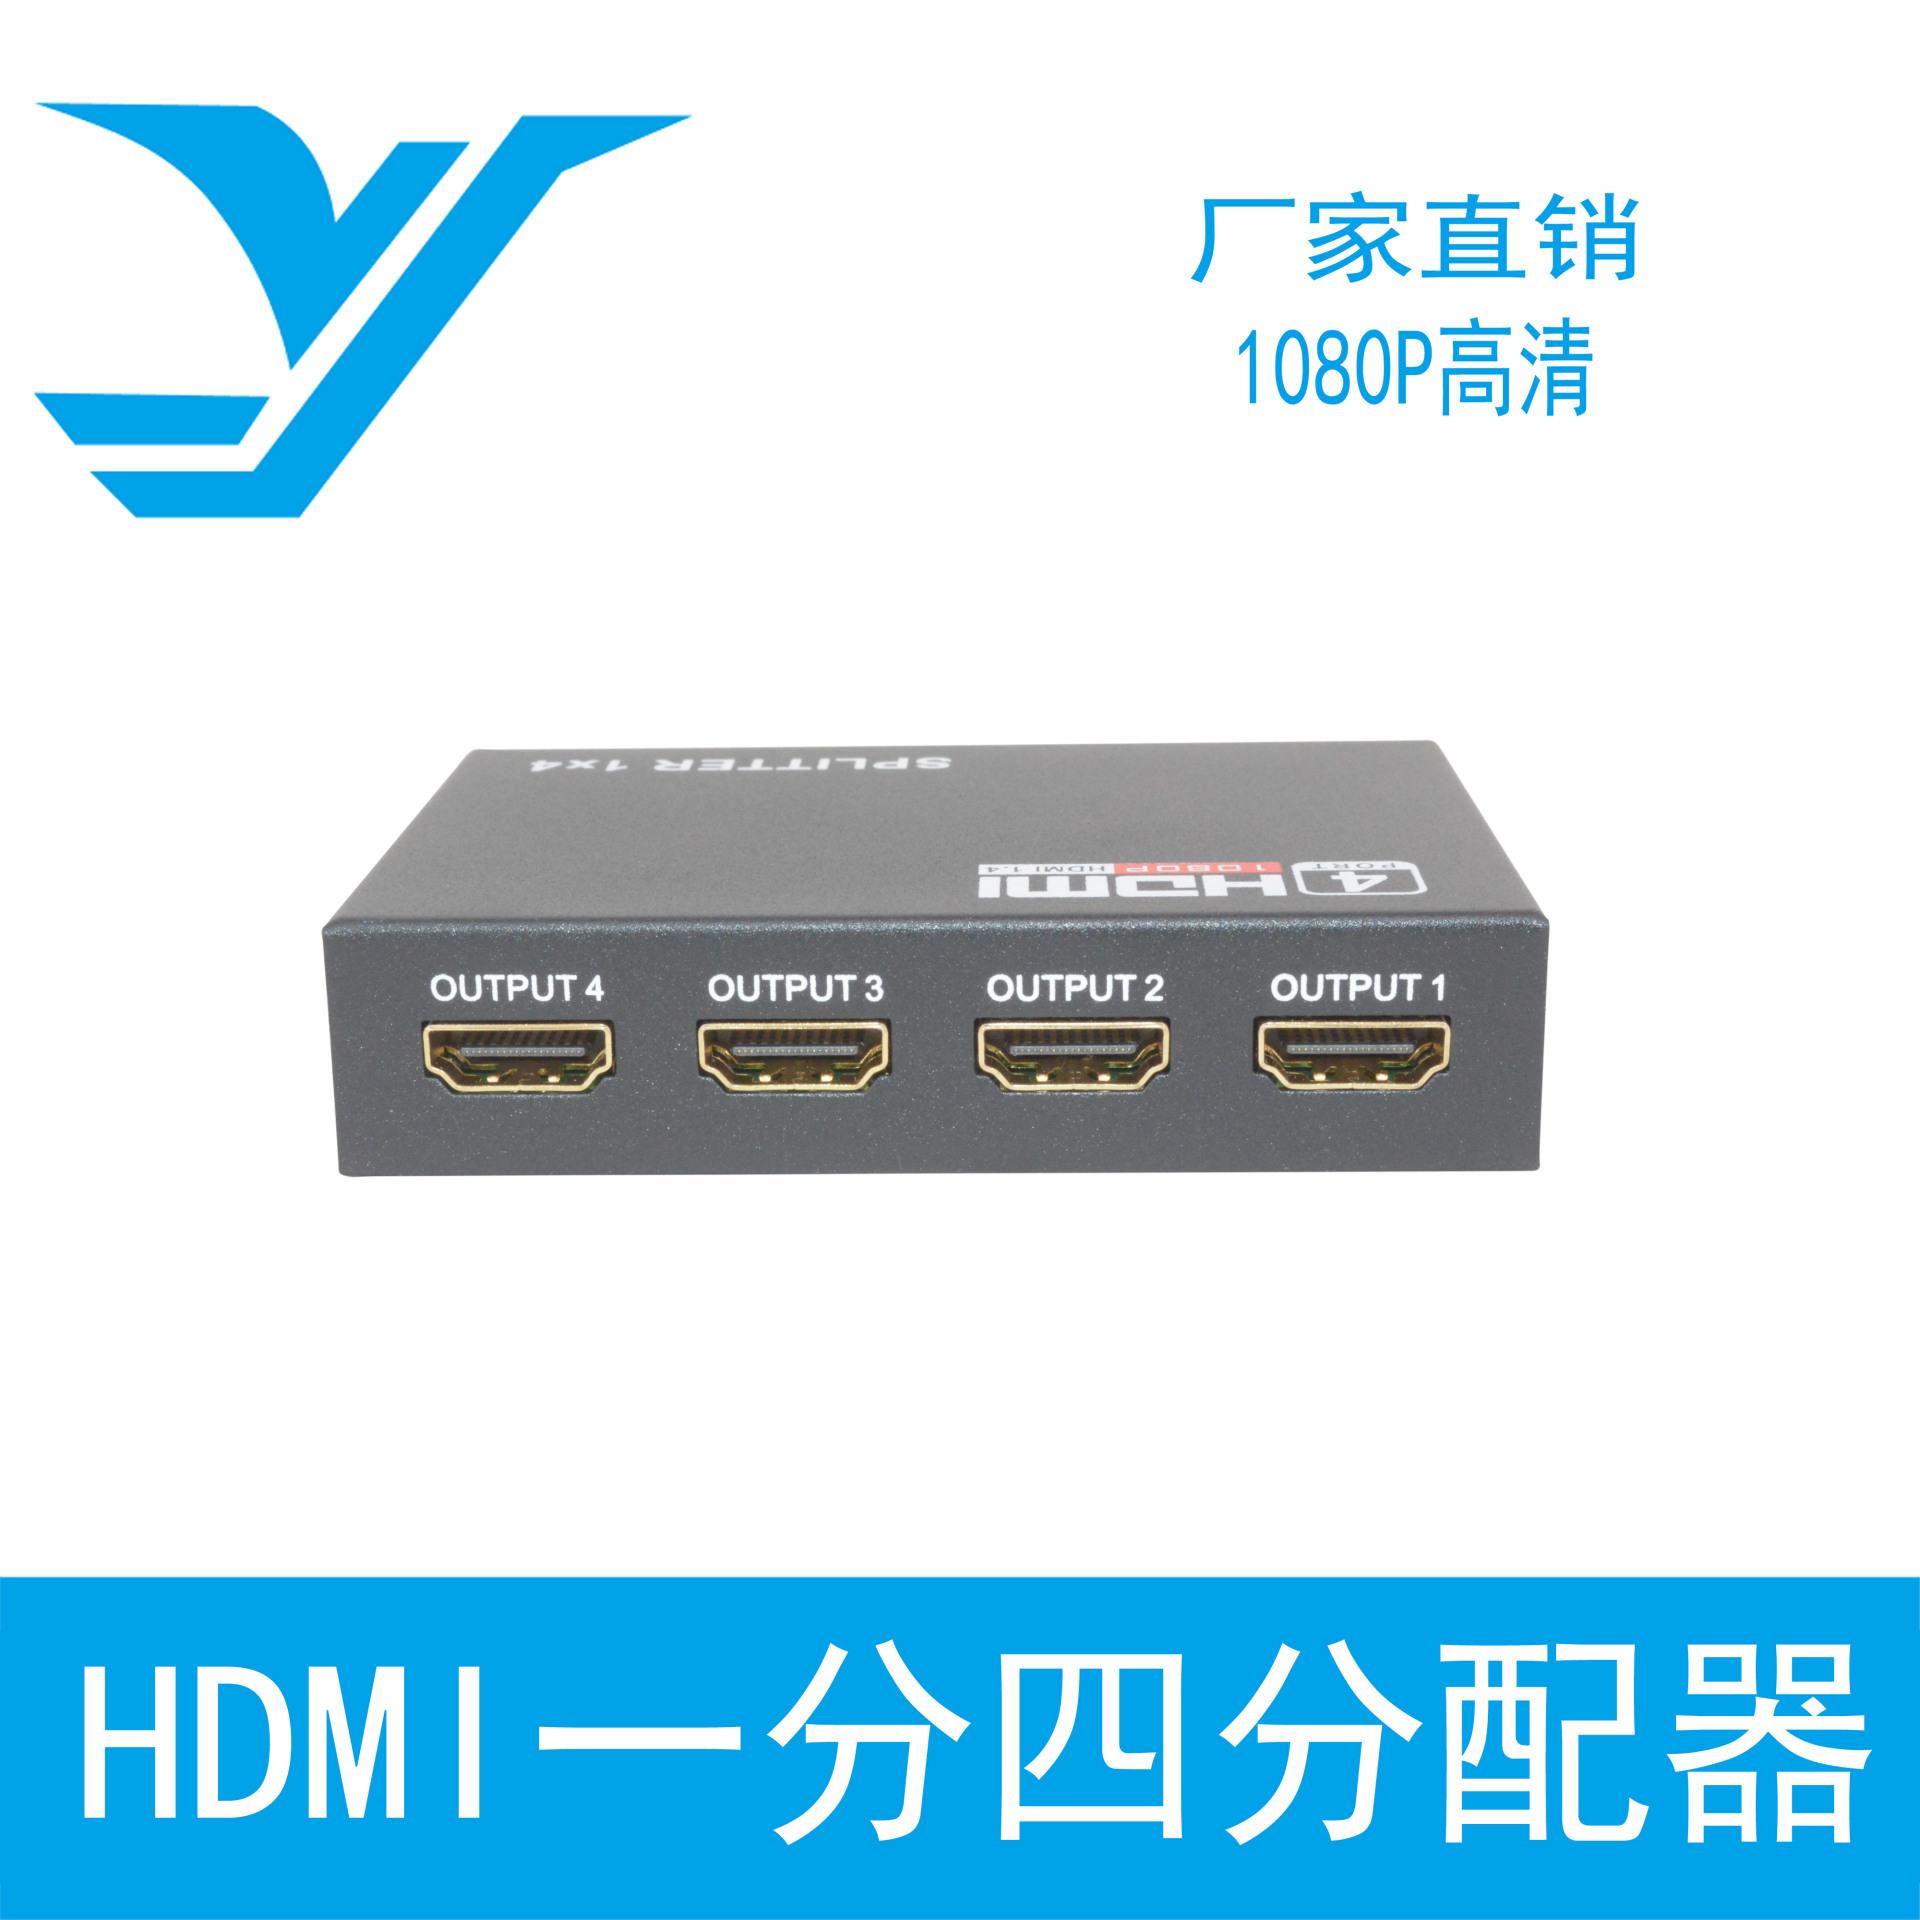 厂家直销HDMI一分四分配器/HDMI分配器1进4出 金钰源 KVM切换器